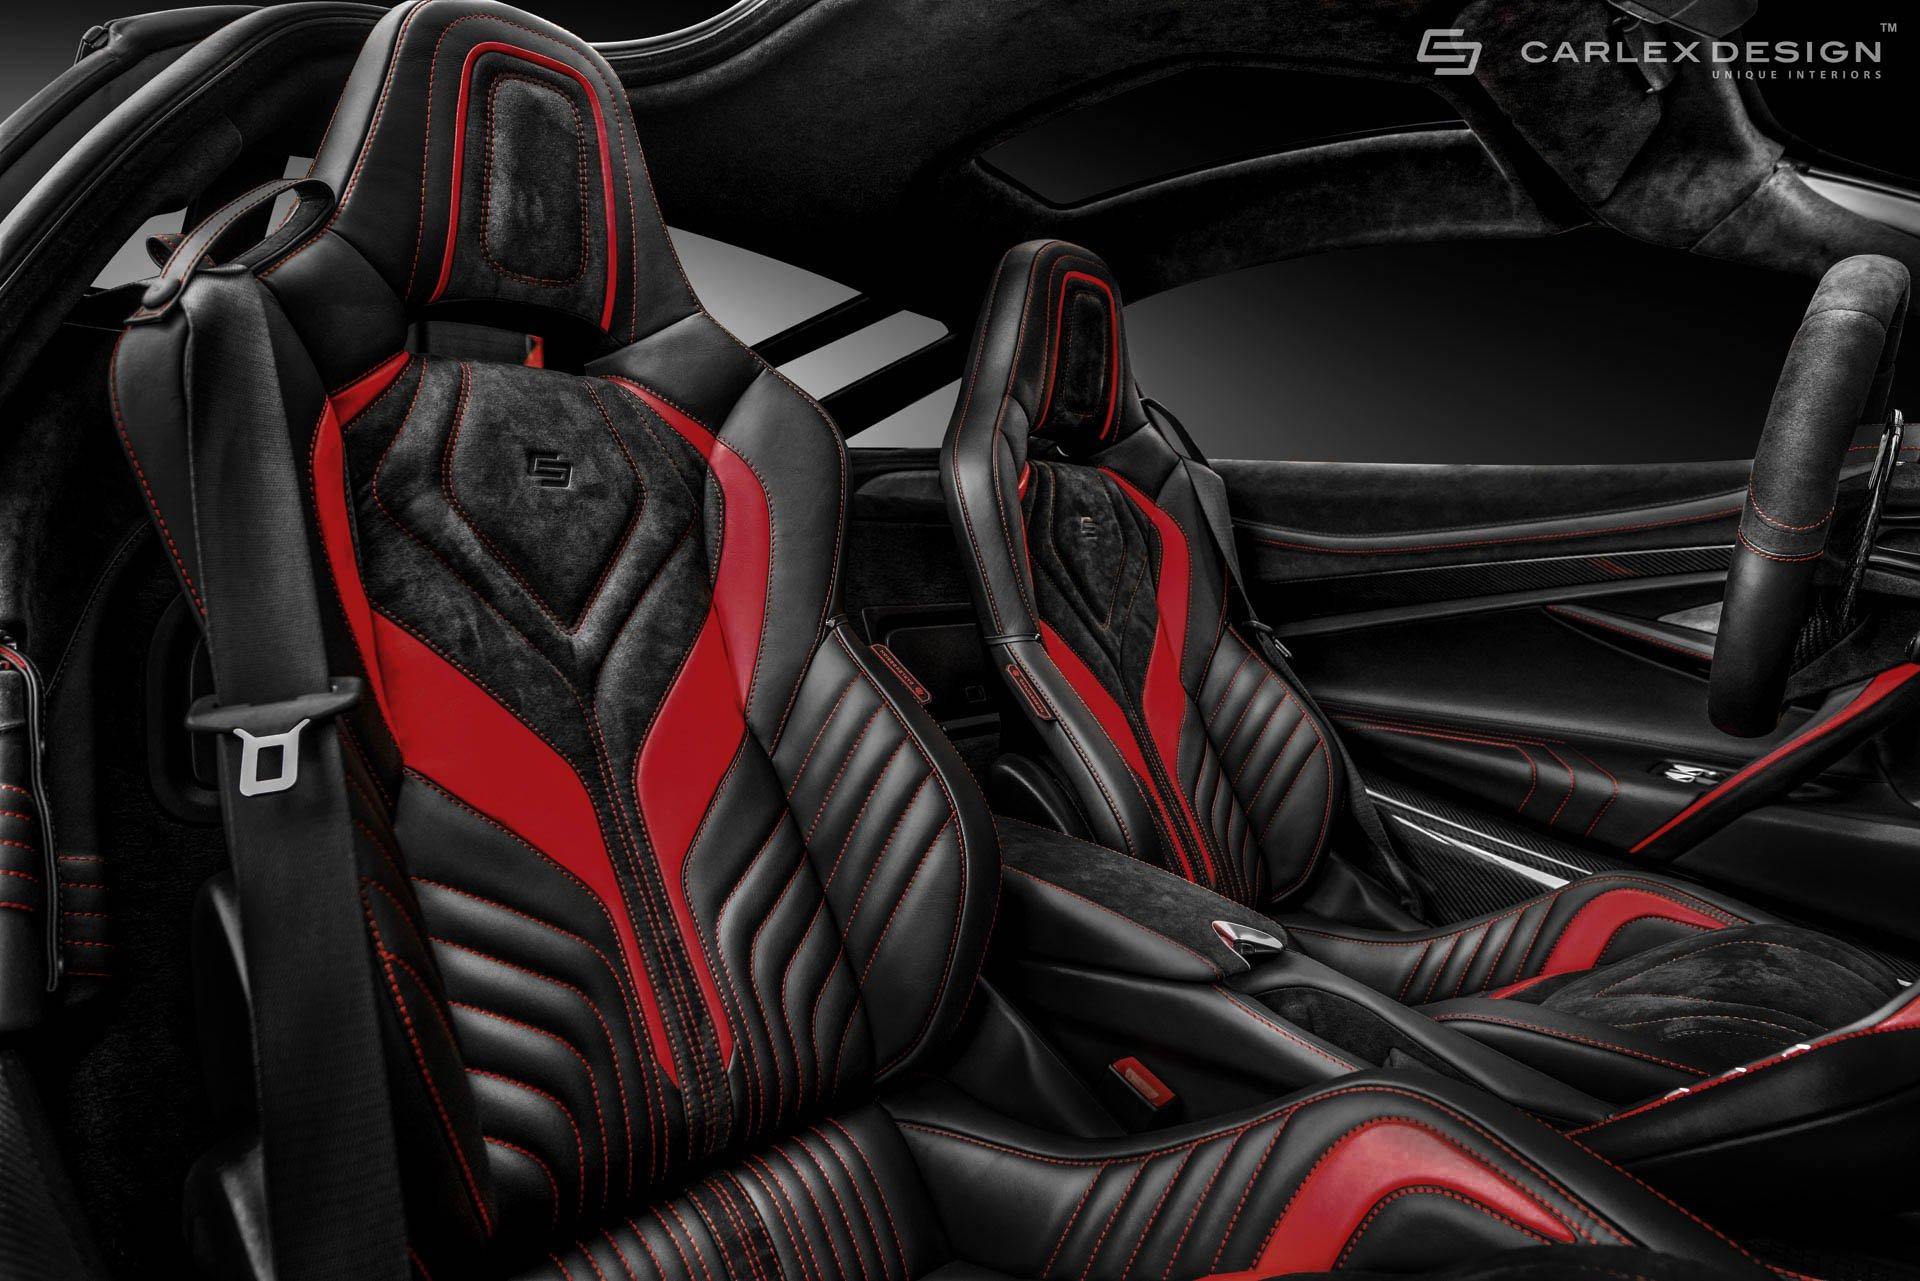 McLaren_720S_Carlex_design_0000